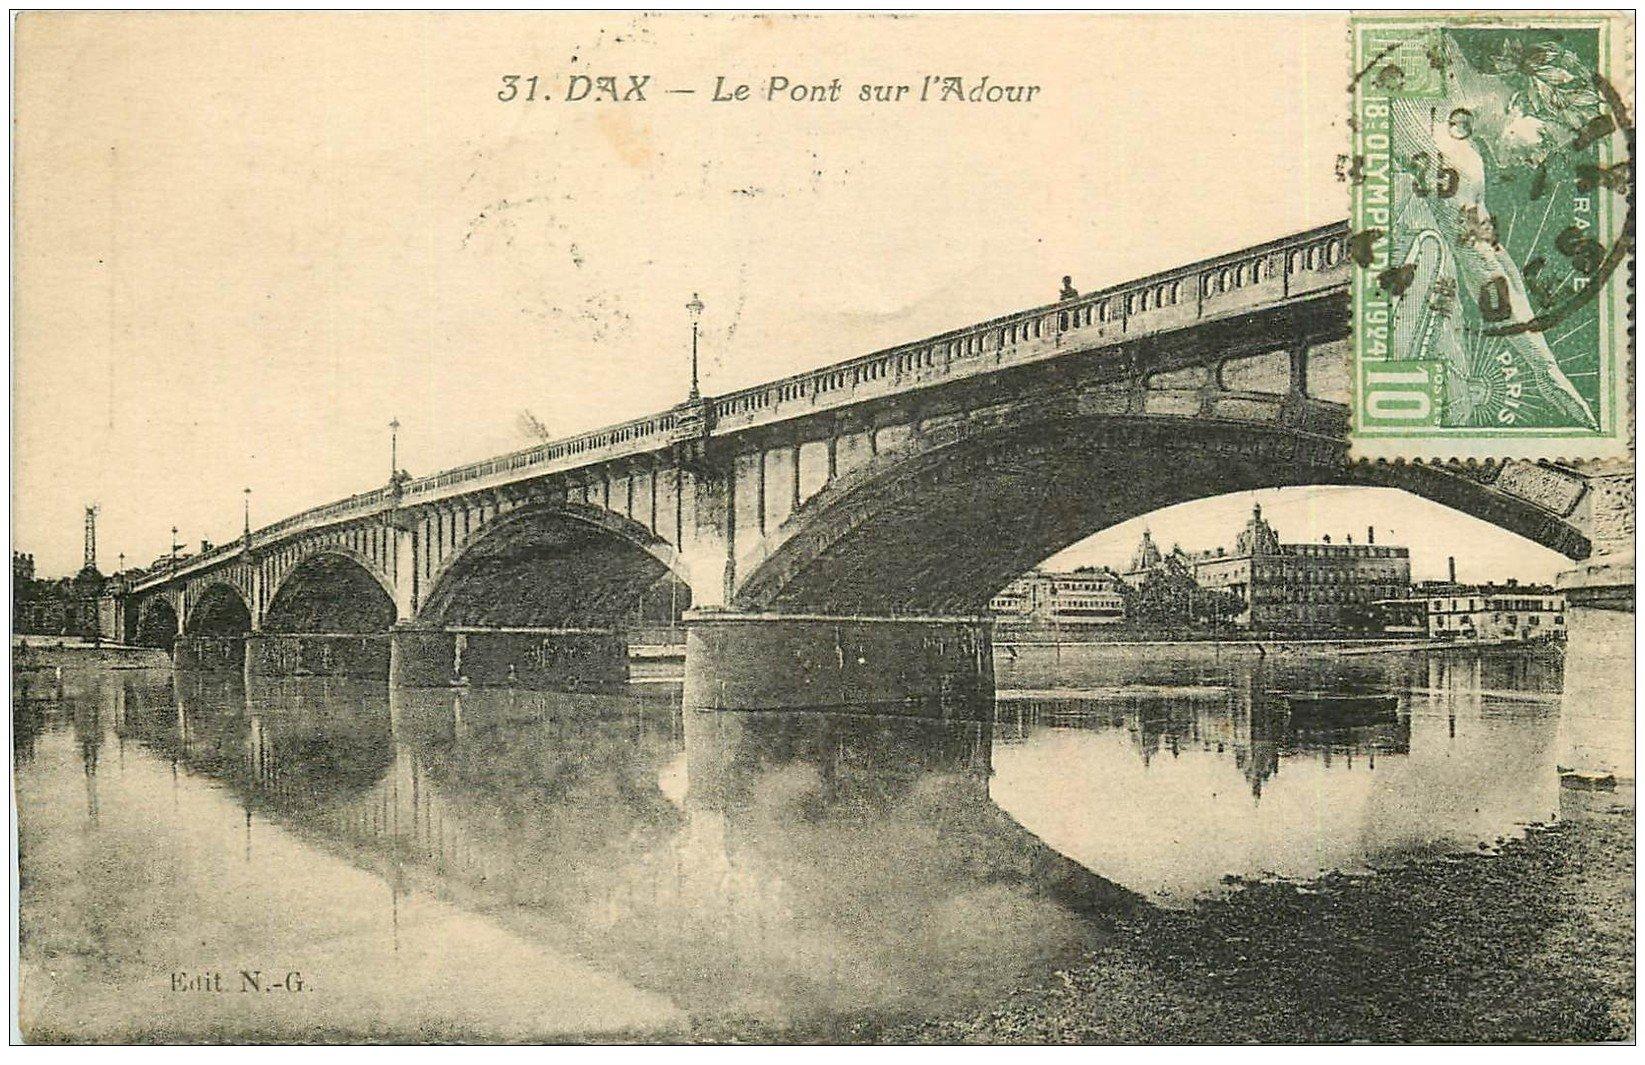 40 DAX. Pont sur l'Adour